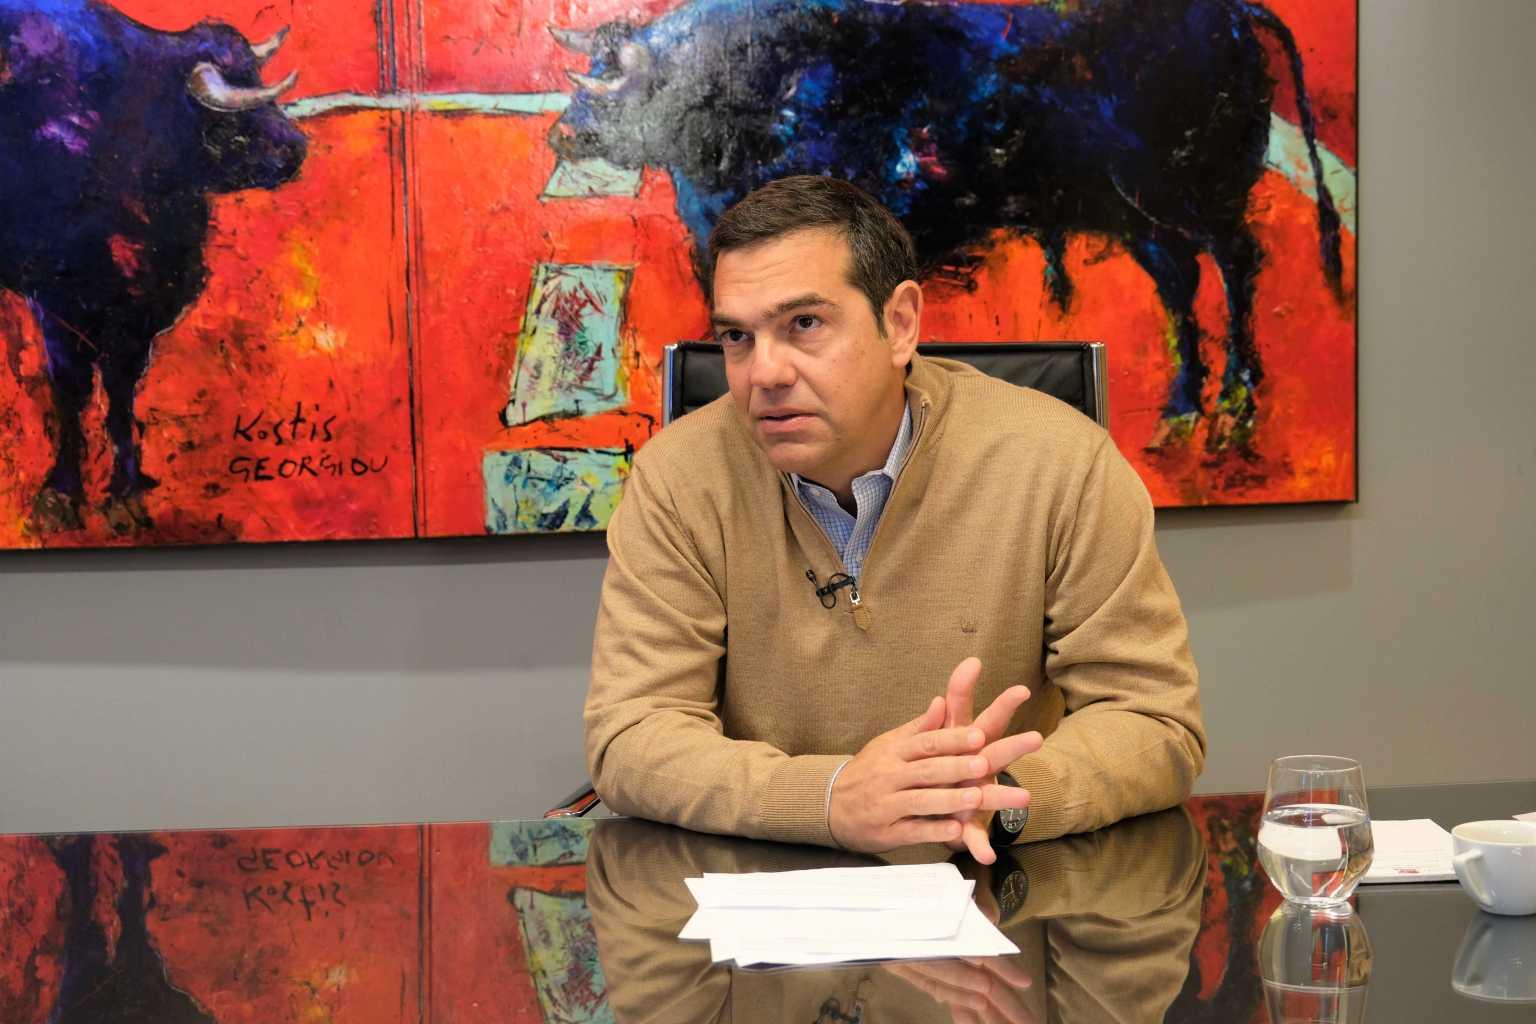 Τσίπρας: Κυβέρνηση θέατρο του παραλόγου – Δέσμη μέτρων για την επανεκκίνηση της εστίασης